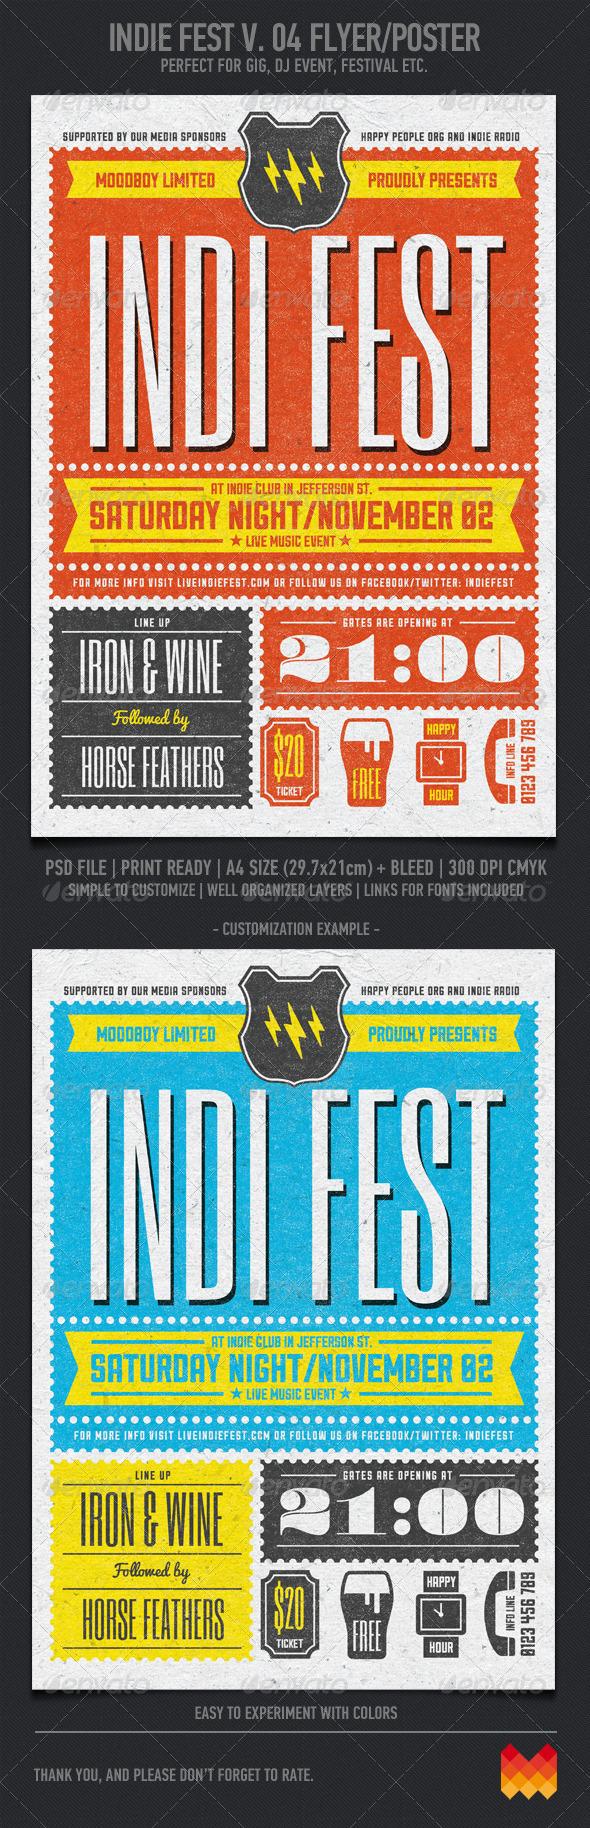 GraphicRiver Indie Fest V 04 Flyer Poster 6174319